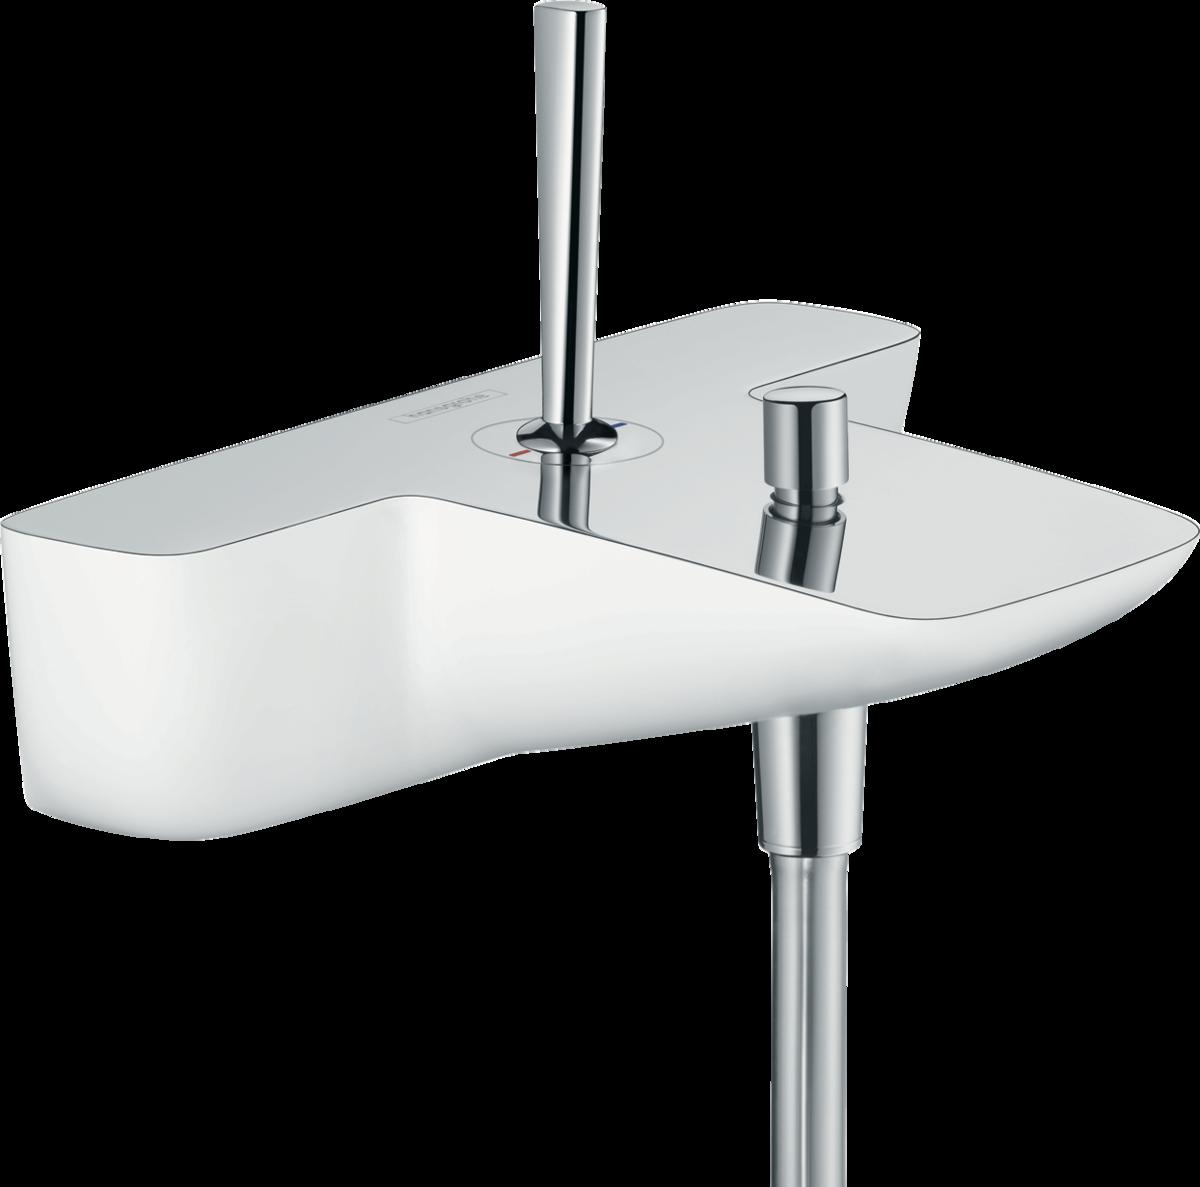 Смеситель hansgrohe PuraVida для ванны 15472400 смеситель для ванны hansgrohe puravida 15445000